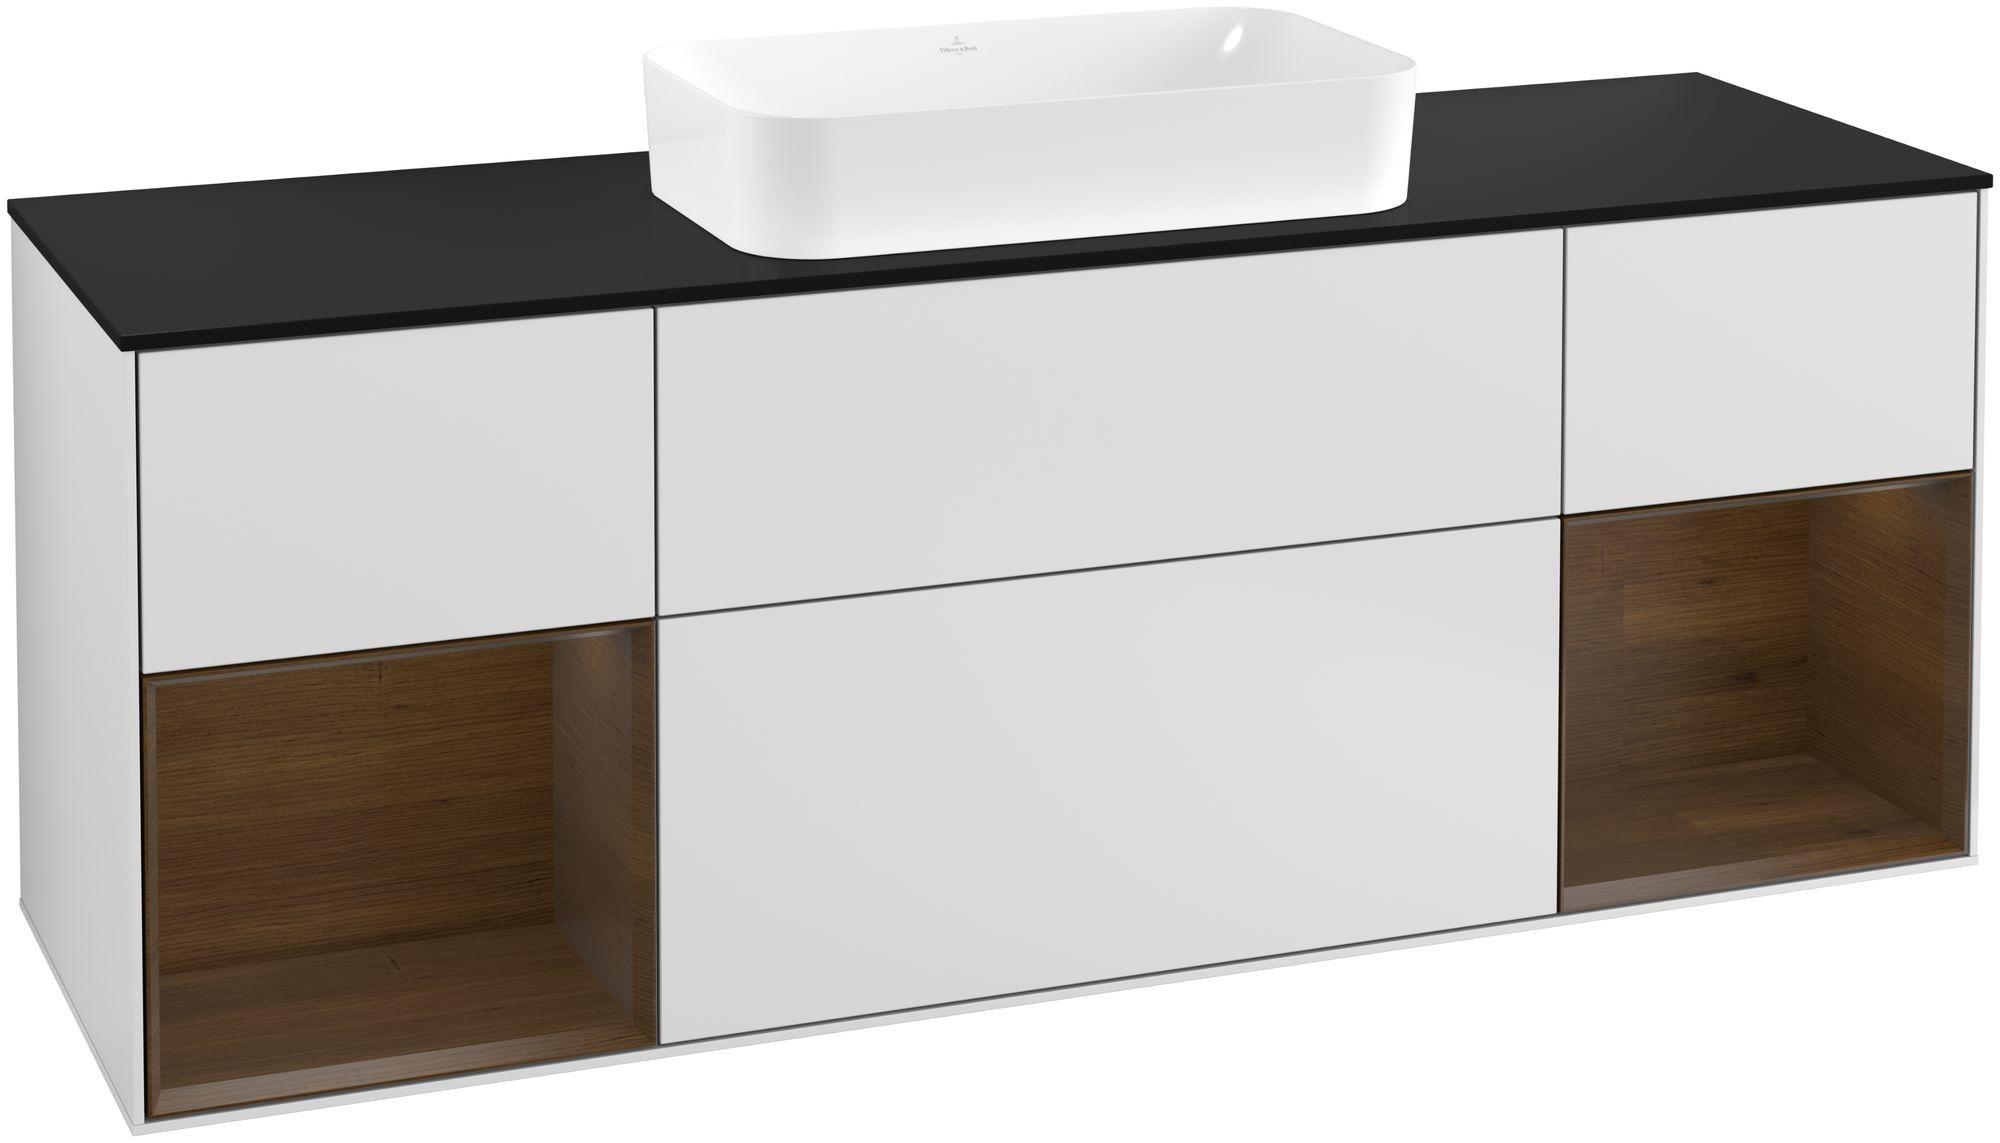 Villeroy & Boch Finion G33 Waschtischunterschrank mit Regalelement 4 Auszüge Waschtisch mittig LED-Beleuchtung B:160xH:60,3xT:50,1cm Front, Korpus: Weiß Matt Soft Grey, Regal: Walnut Veneer, Glasplatte: Black Matt G332GNMT